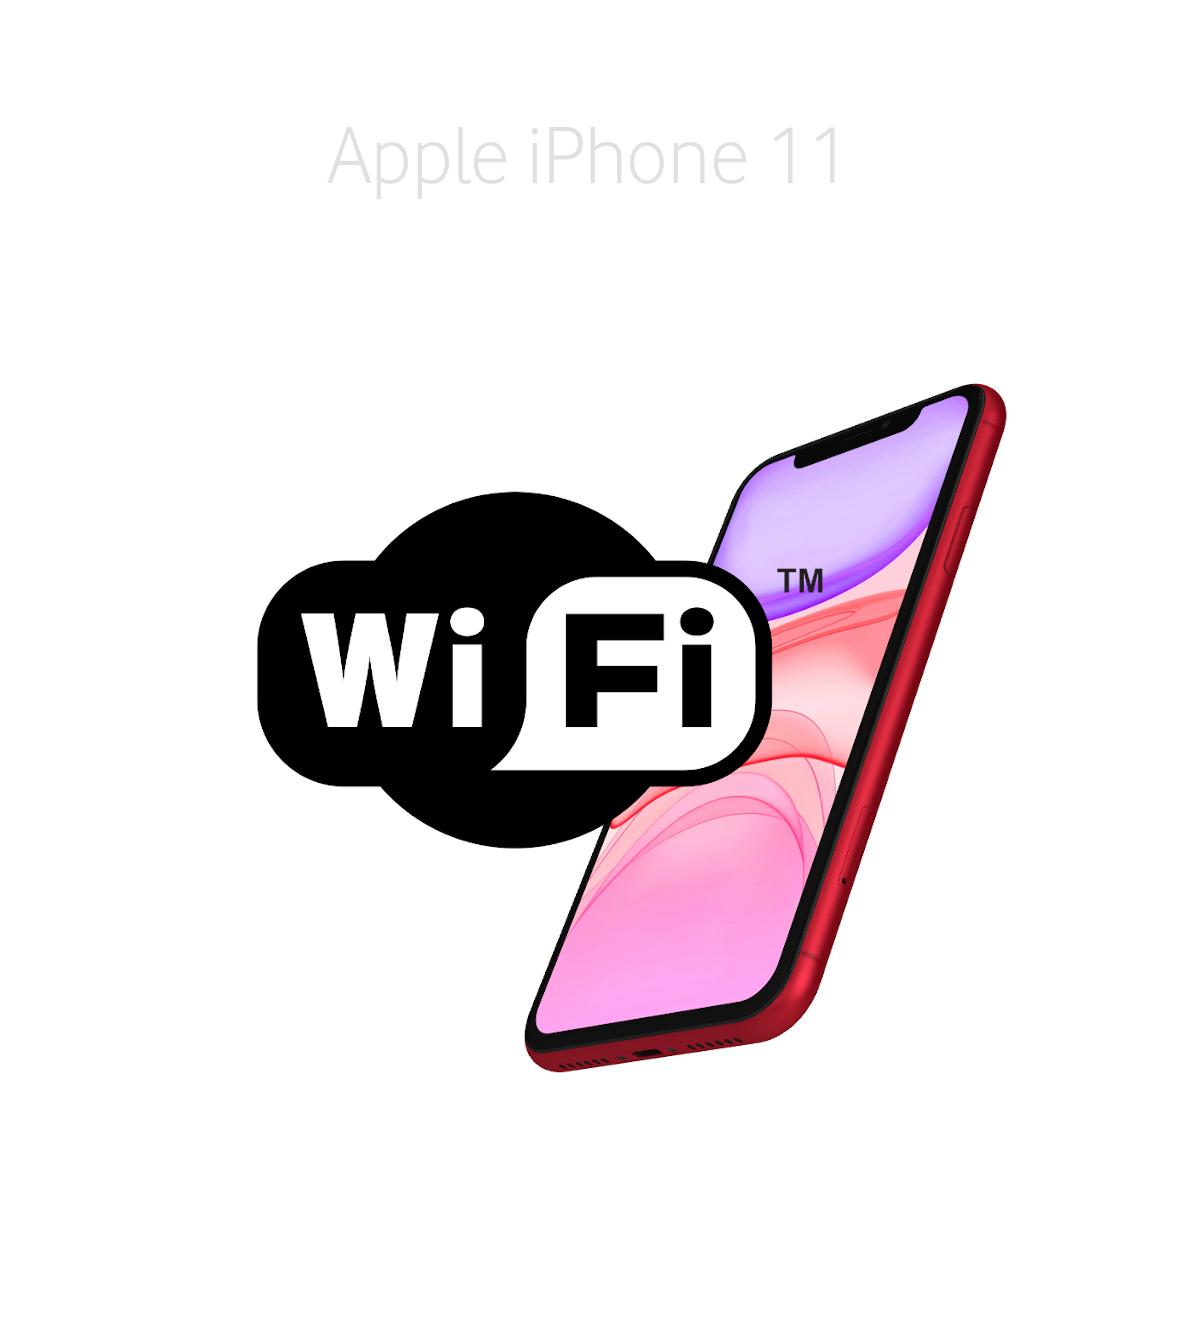 Laga Wifi iPhone 11